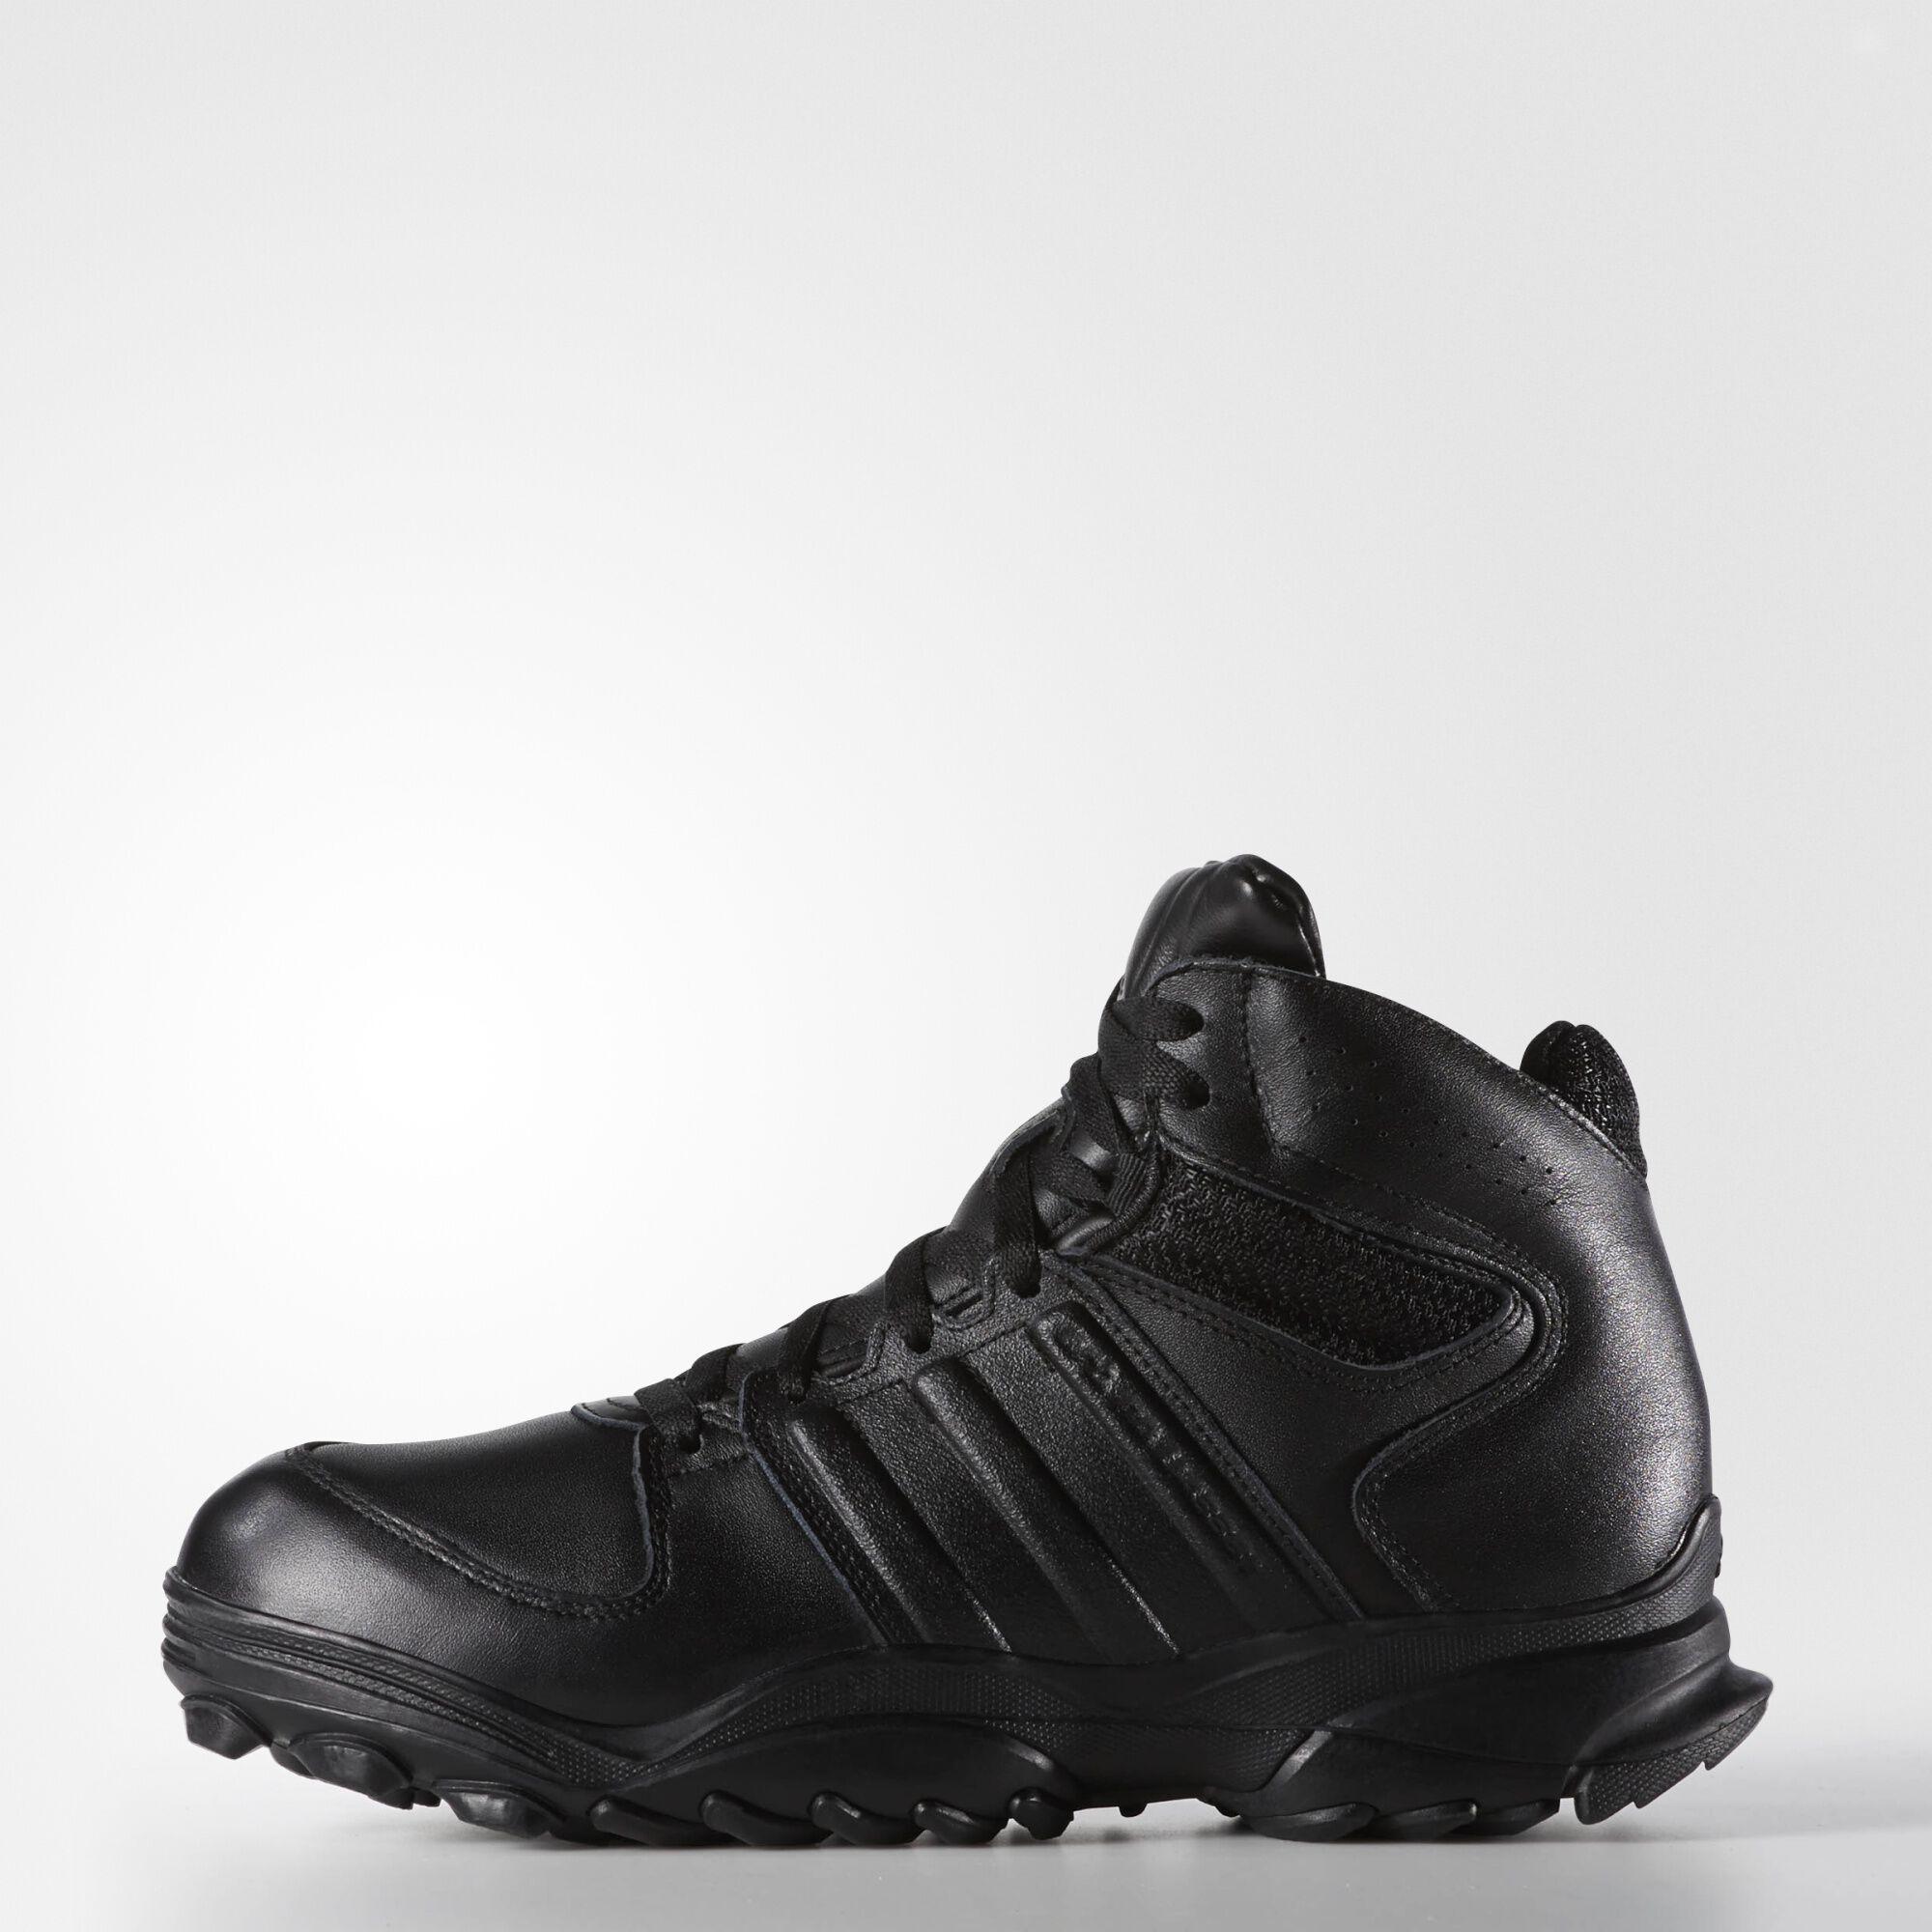 Mr Shoes App Review